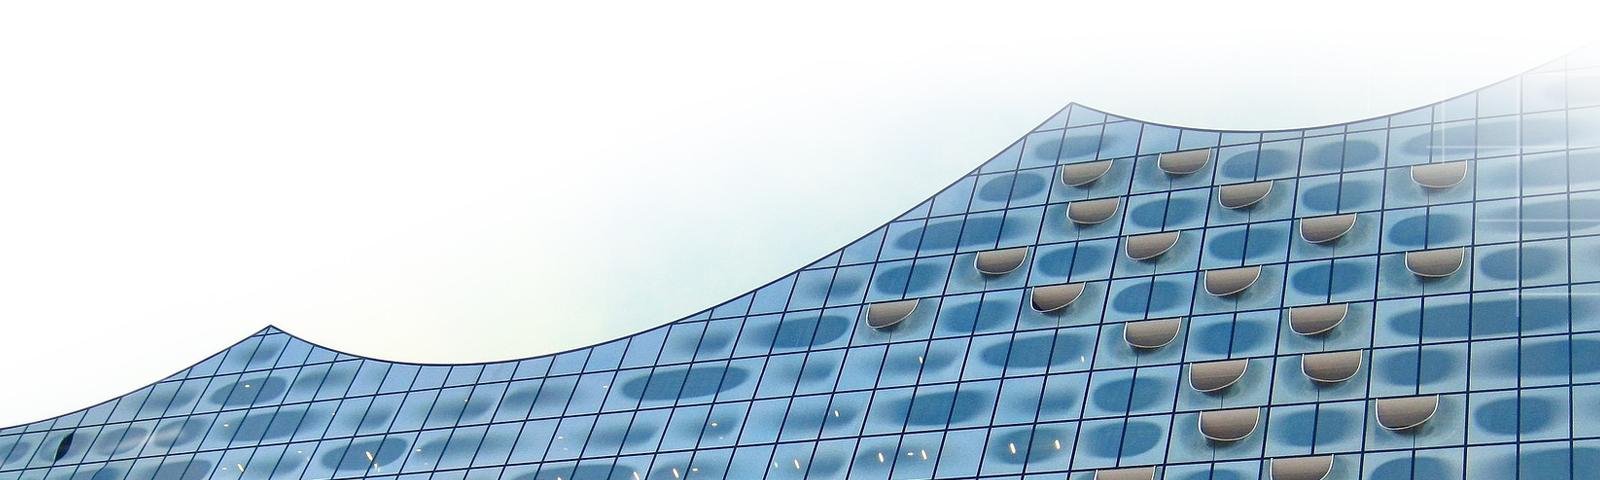 Elbphilharmonie i Hamburg. Foto: www.pixabay